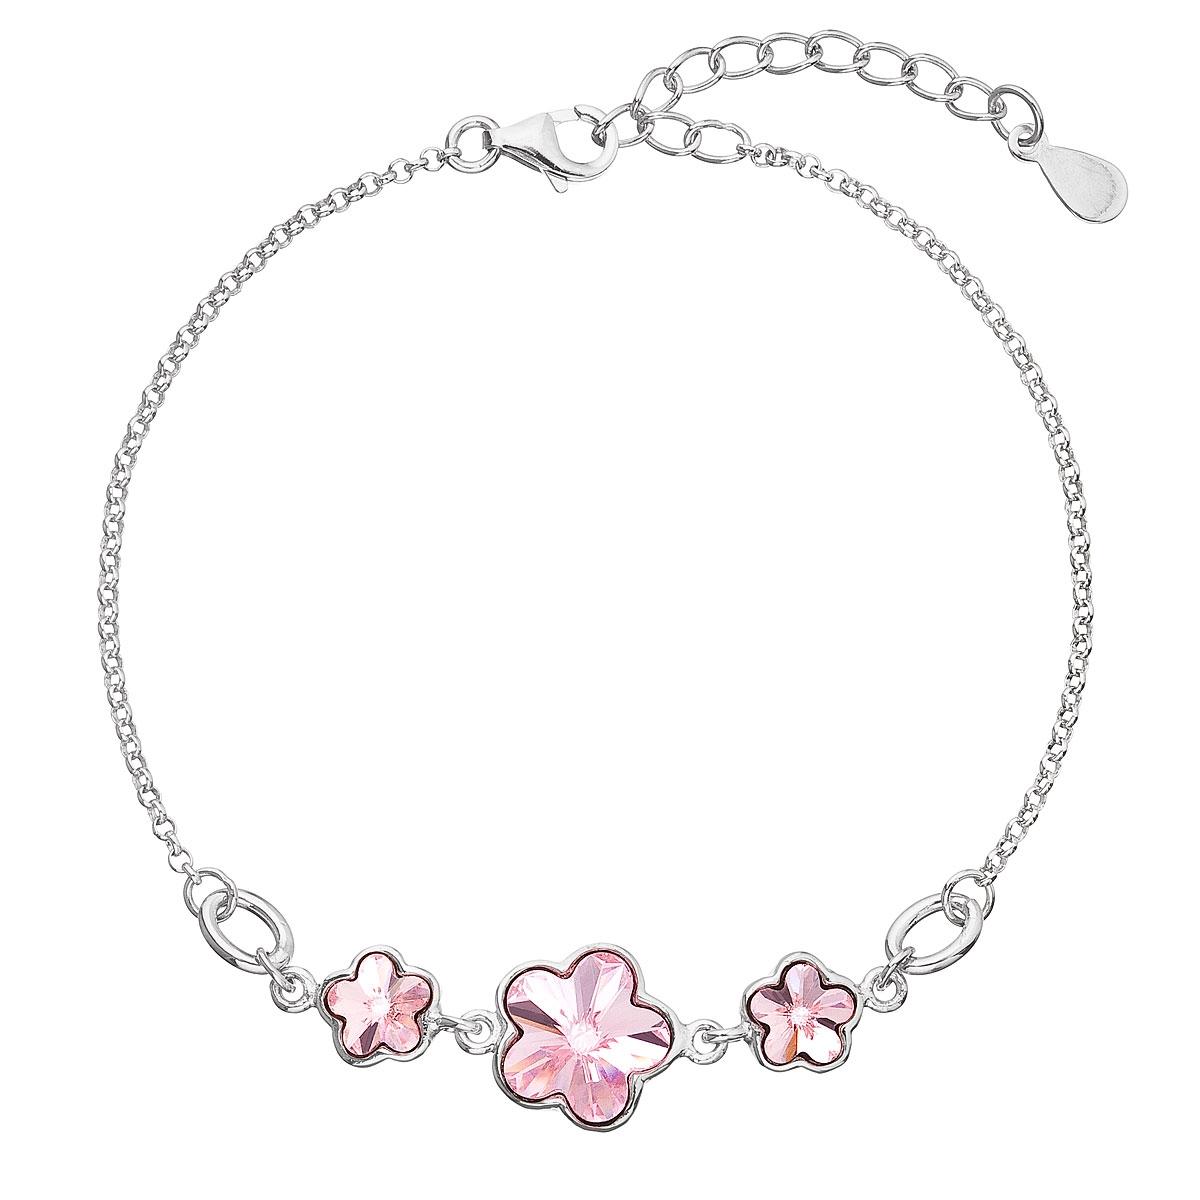 Stříbrný náramek s kytičkami Crystals from Swarovski® Rose EG7050-RO